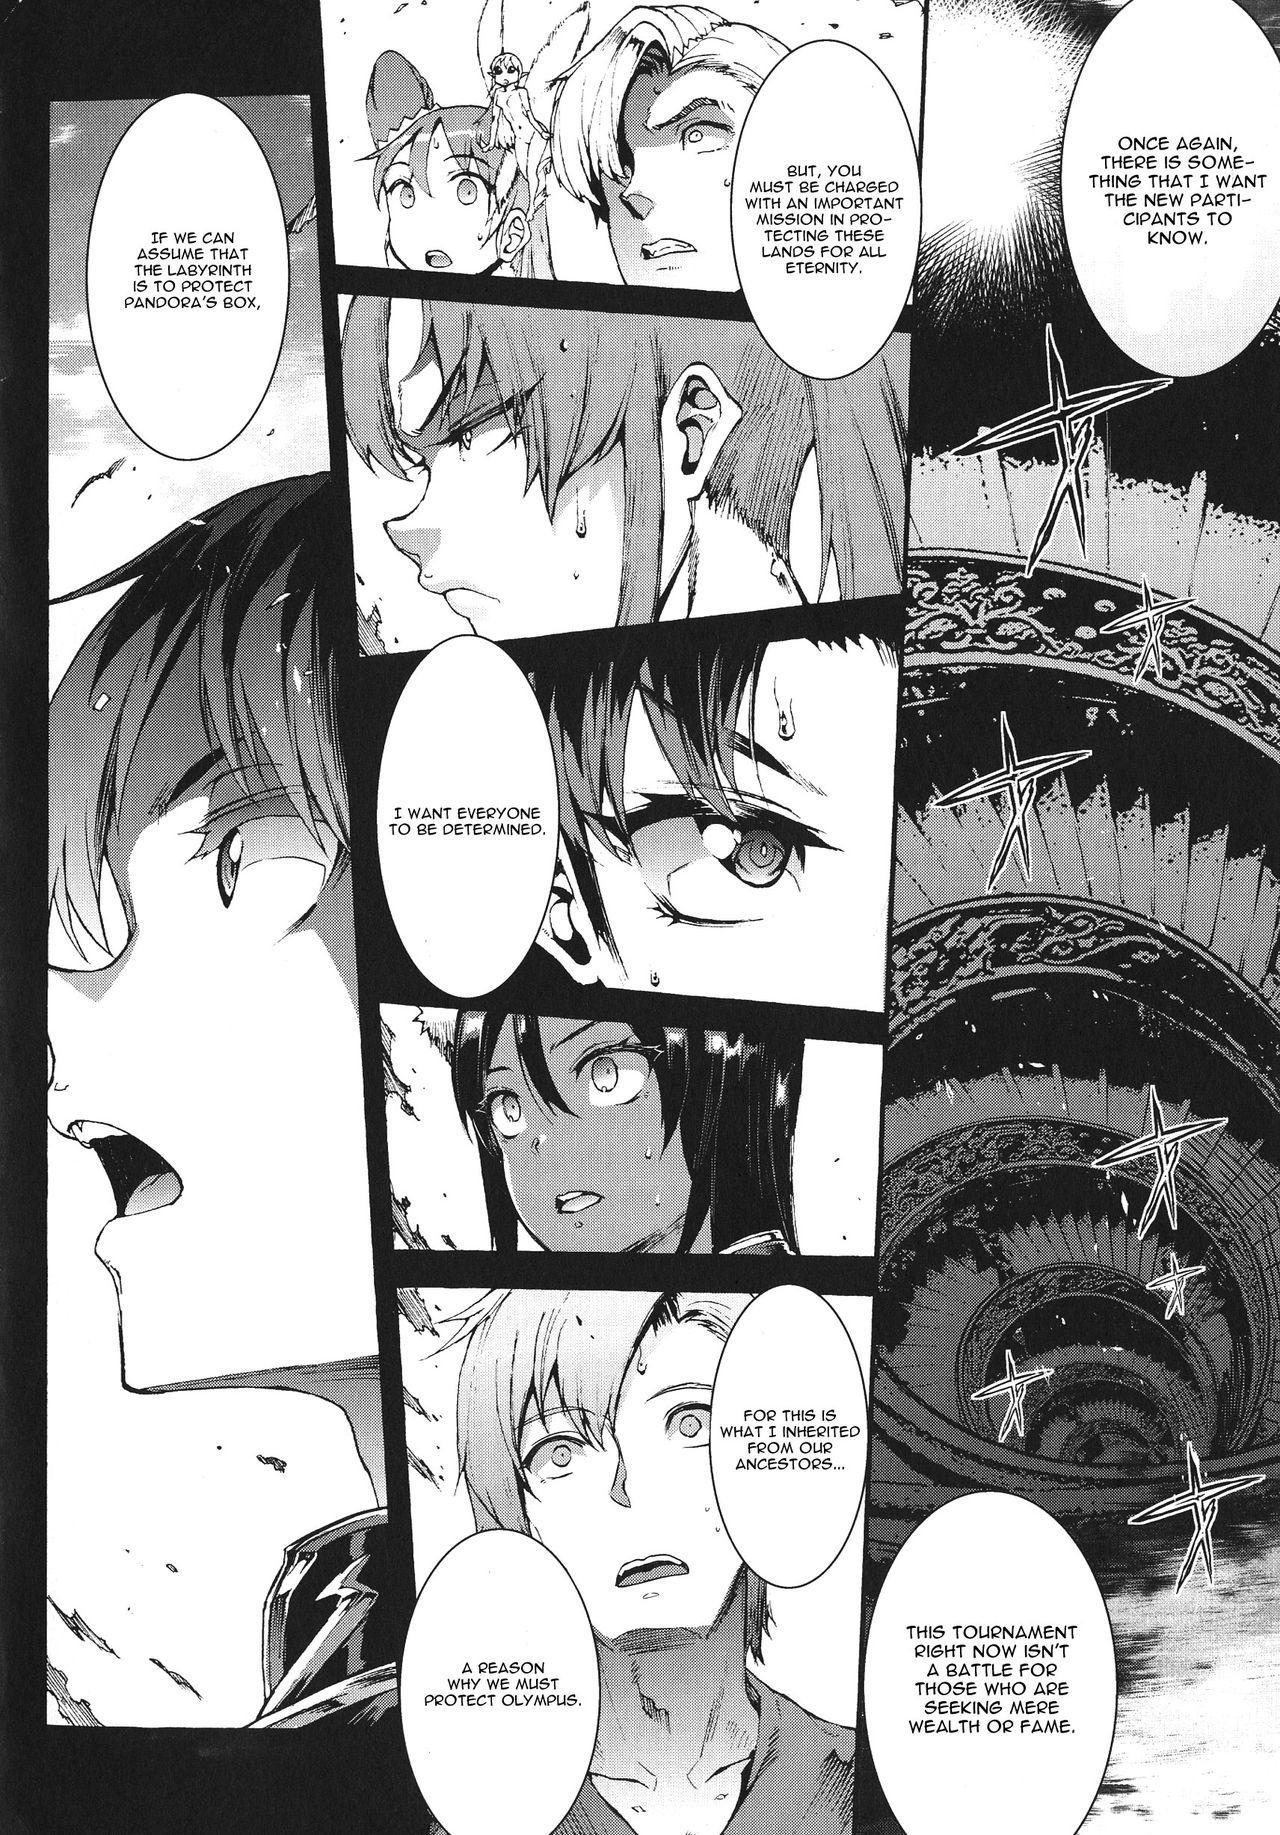 [Erect Sawaru] Raikou Shinki Igis Magia -PANDRA saga 3rd ignition- Ch. 1-7 + Medousa [English] [CGrascal] 175